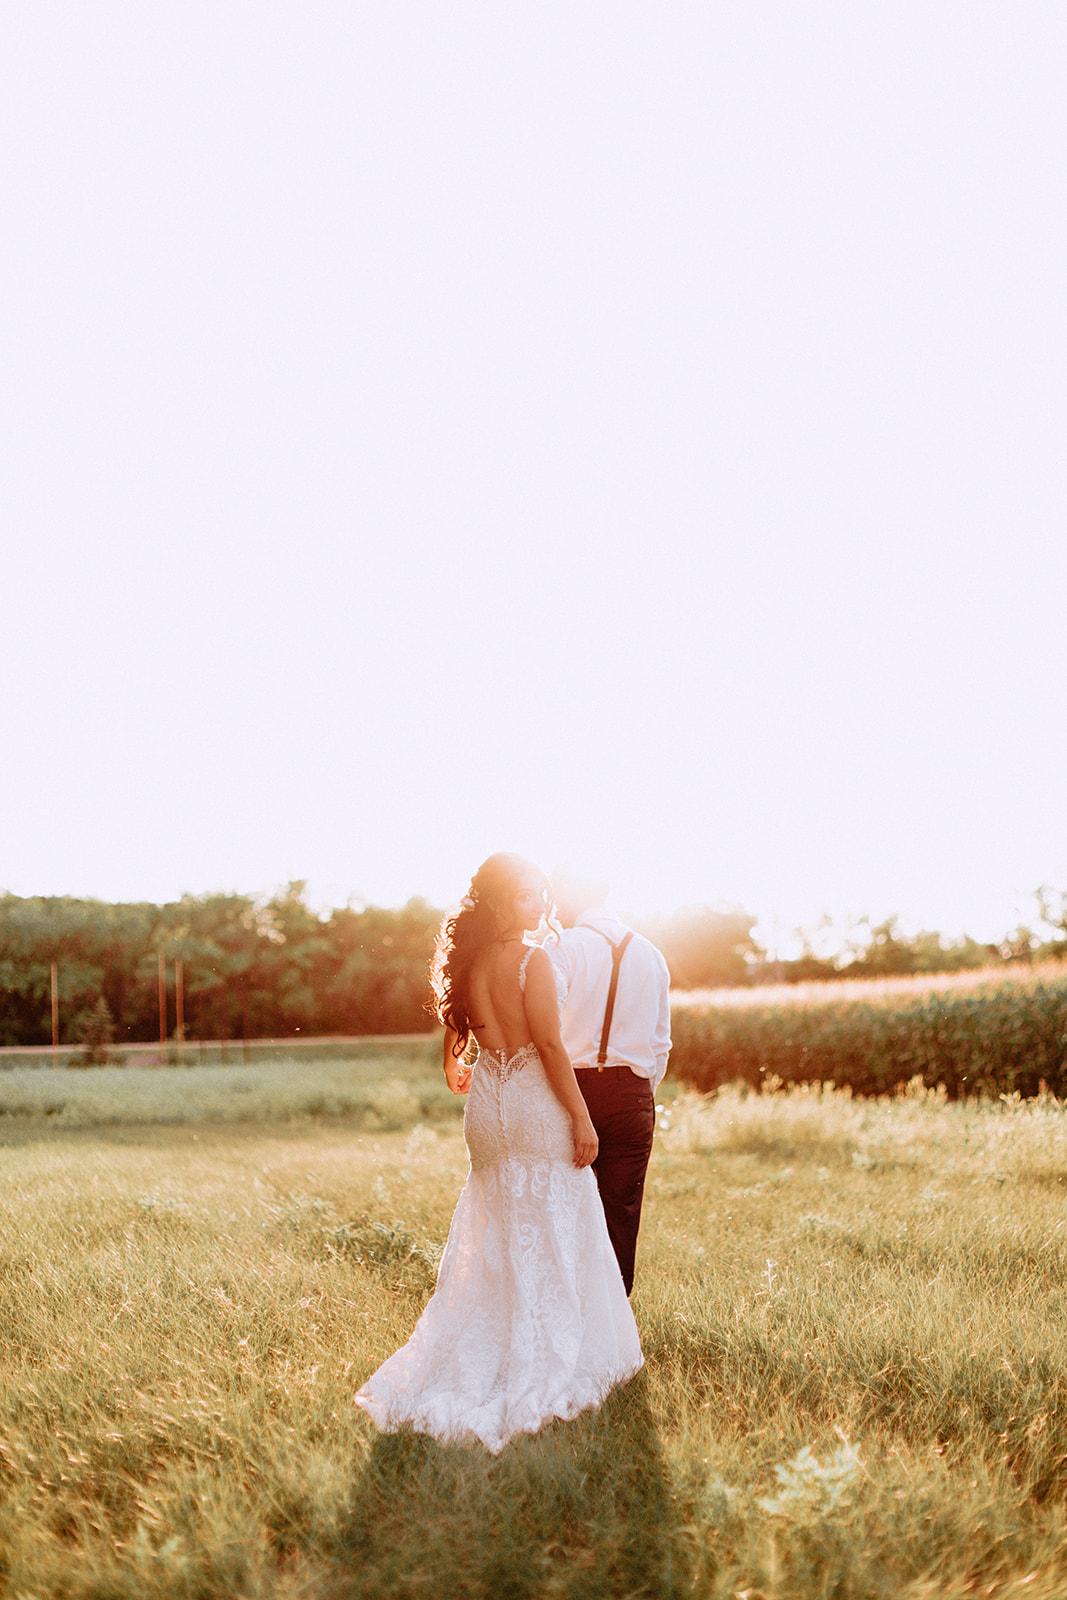 Bride_Groom_129.jpg